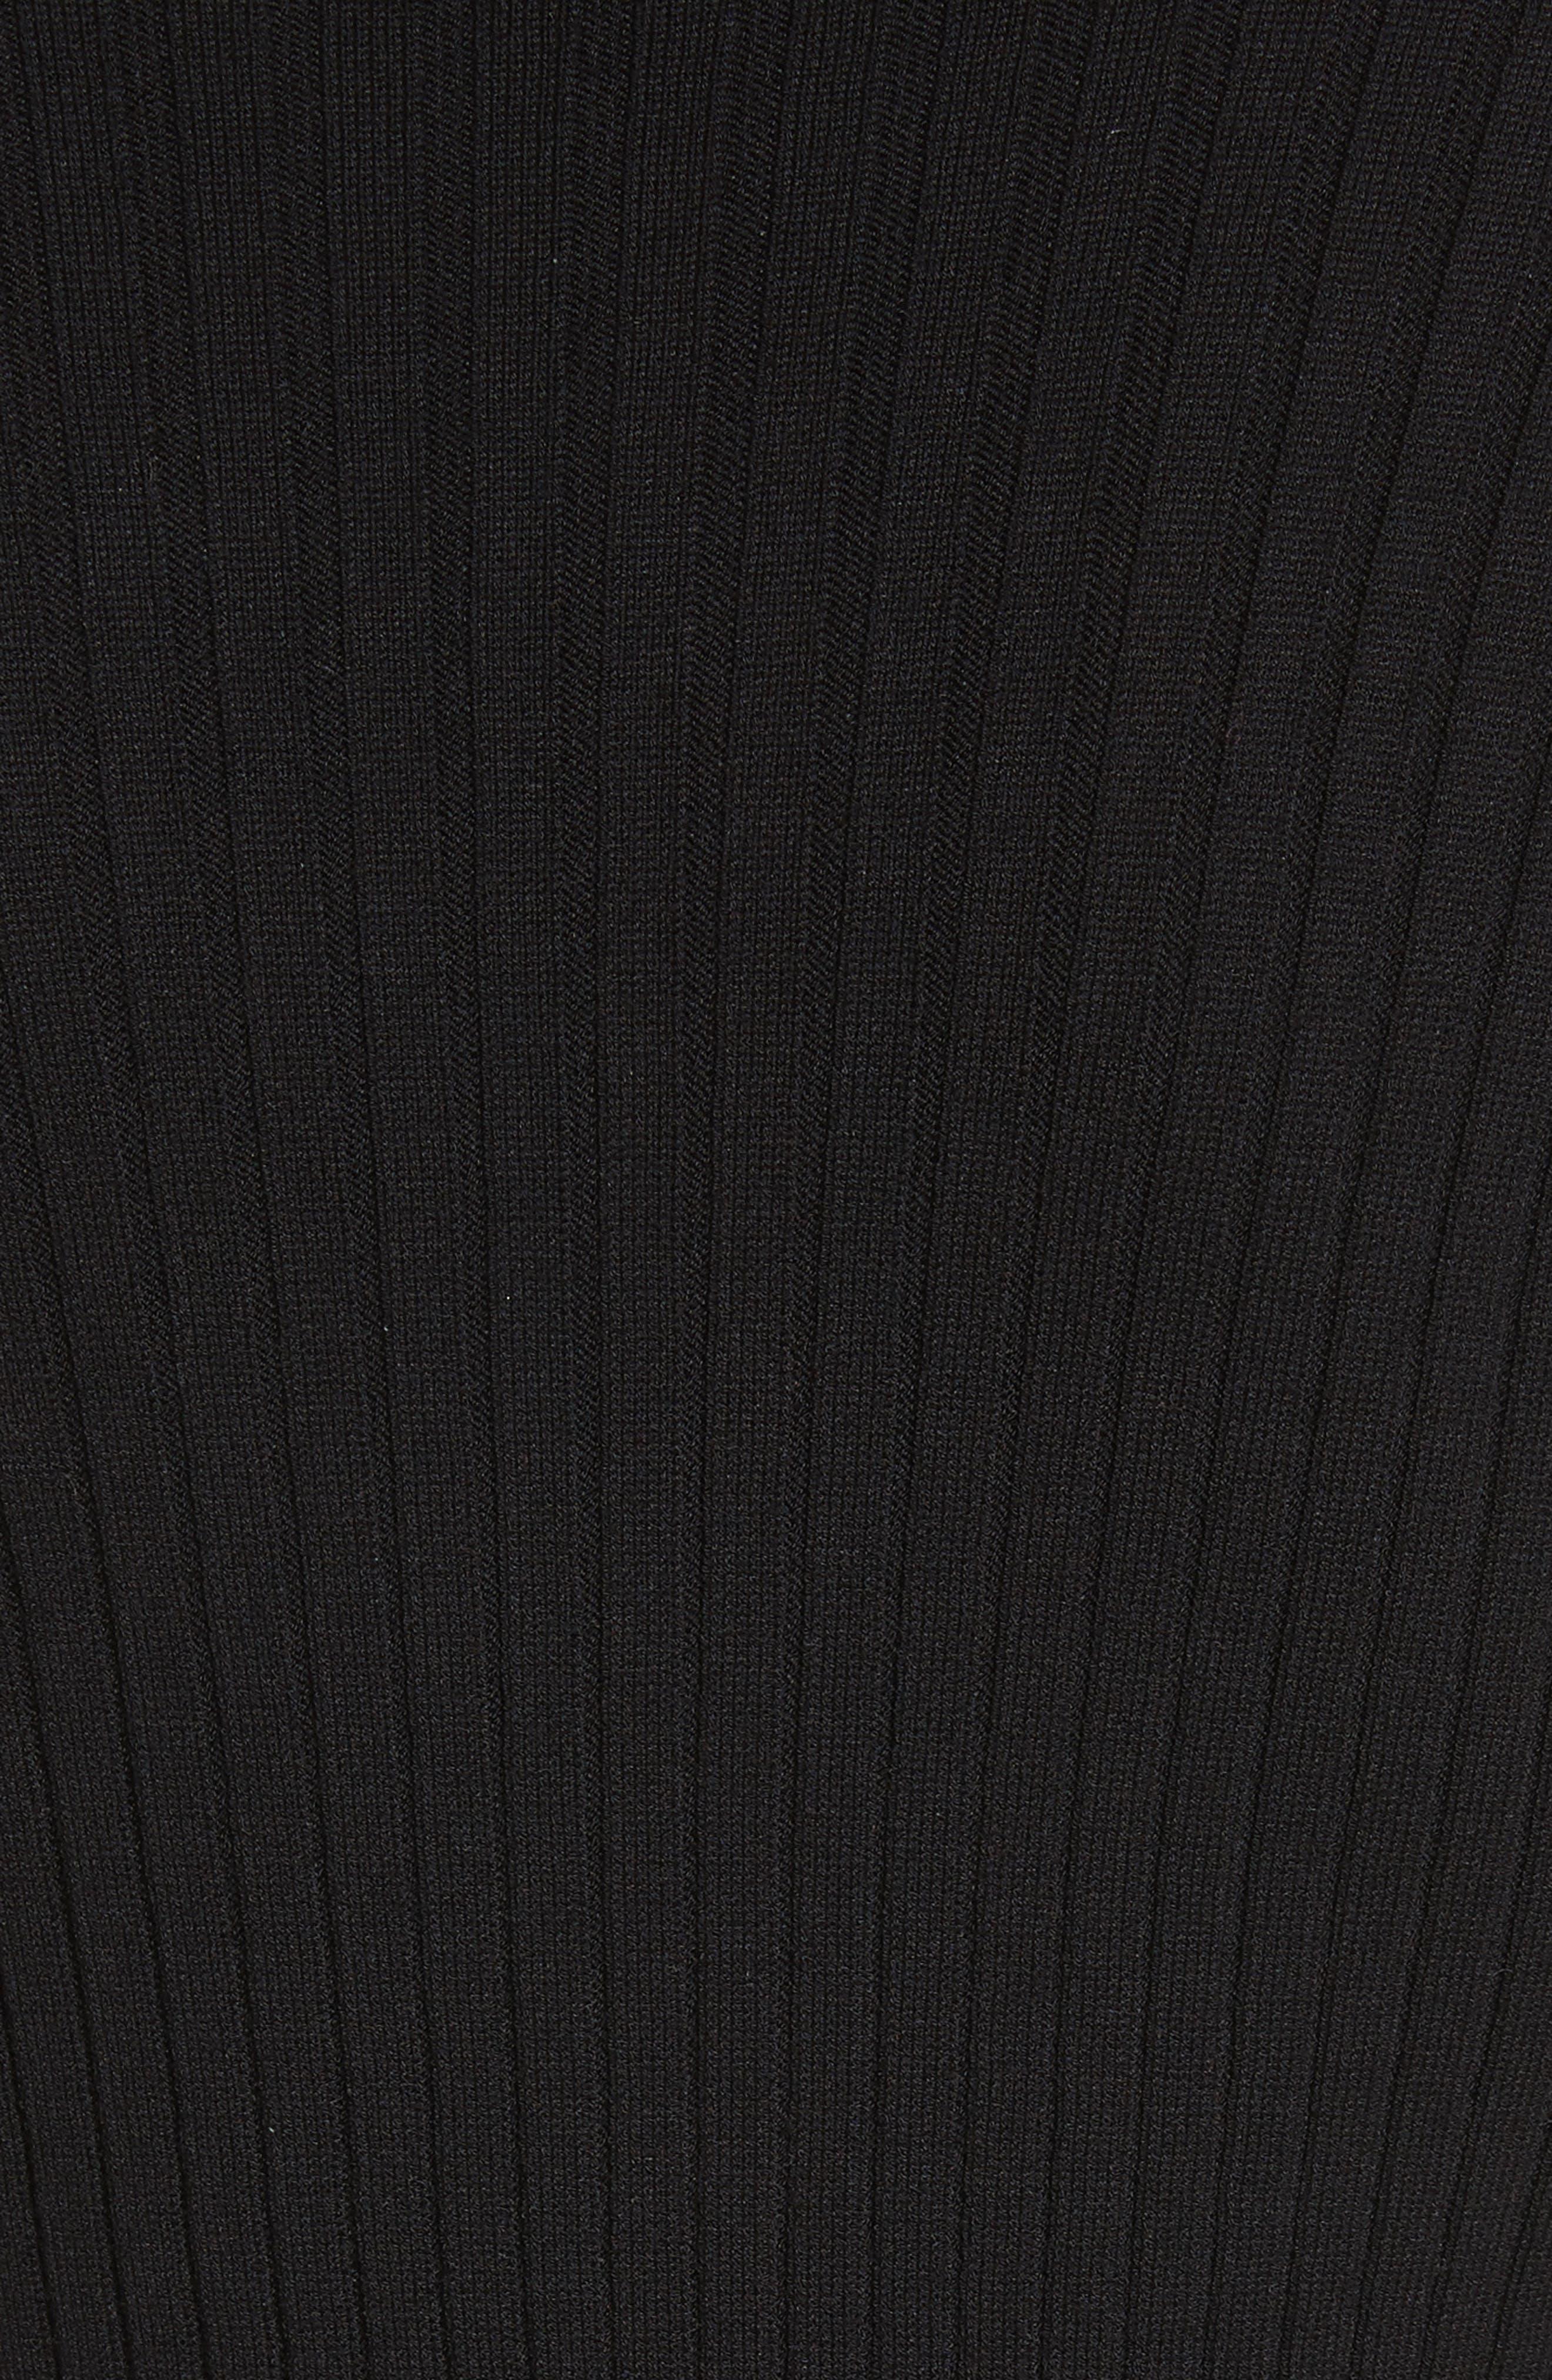 Flat Rib Knit Mock Neck Sweater,                             Alternate thumbnail 5, color,                             001